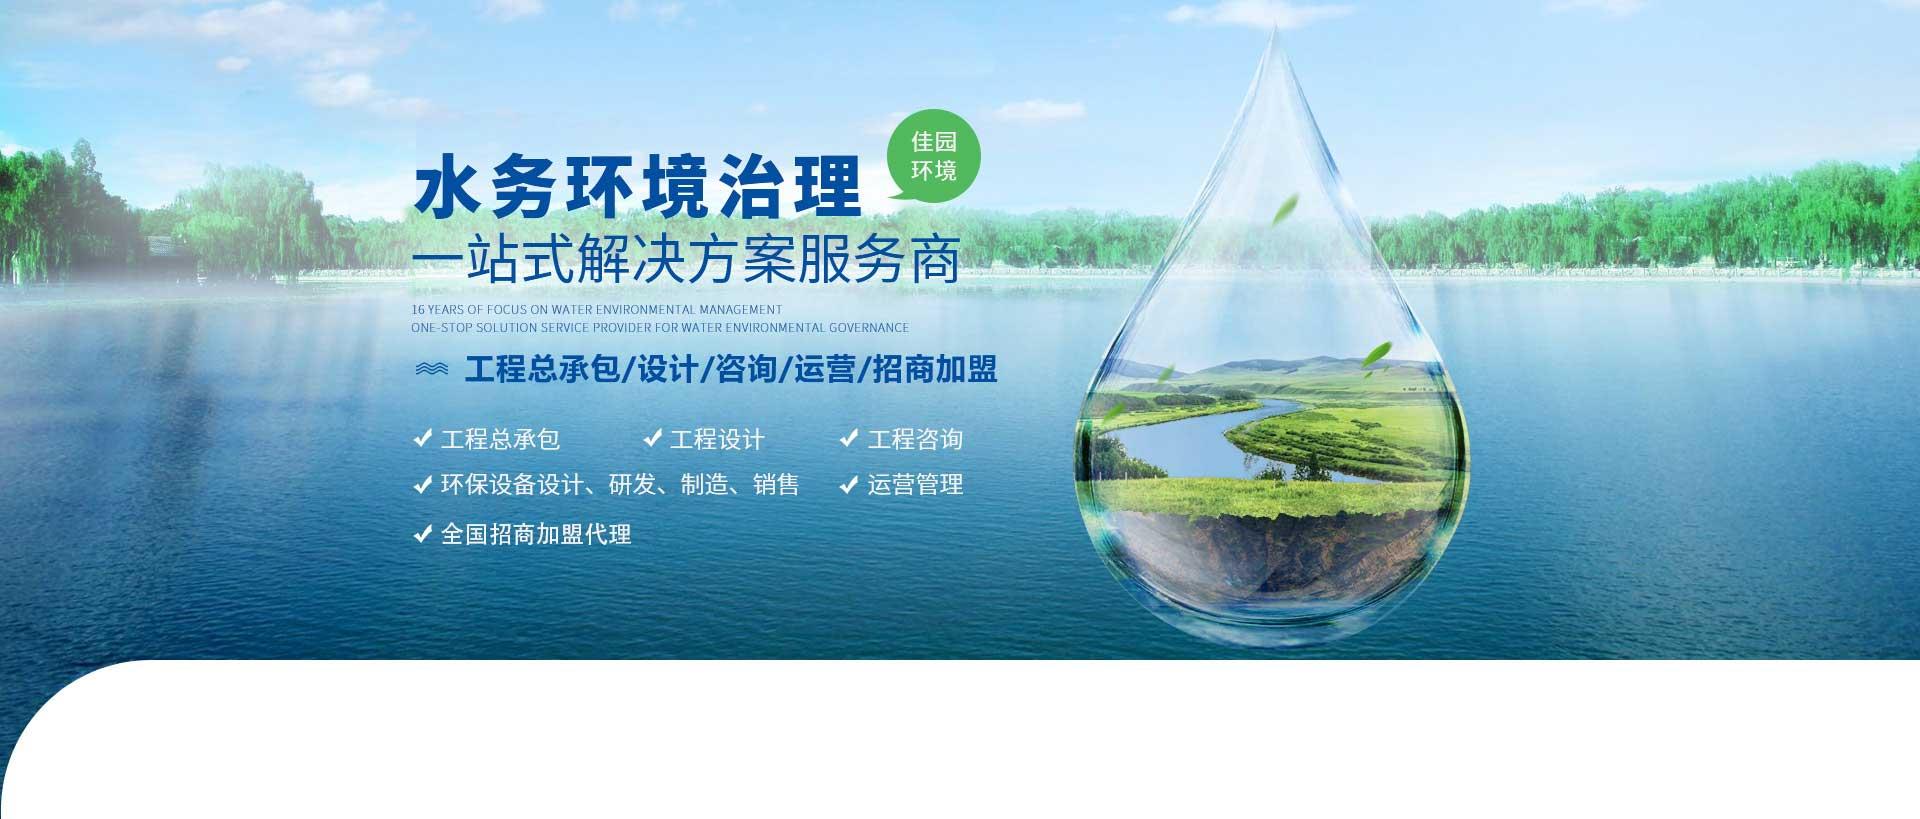 水務環境治理一站式解決方案服務商